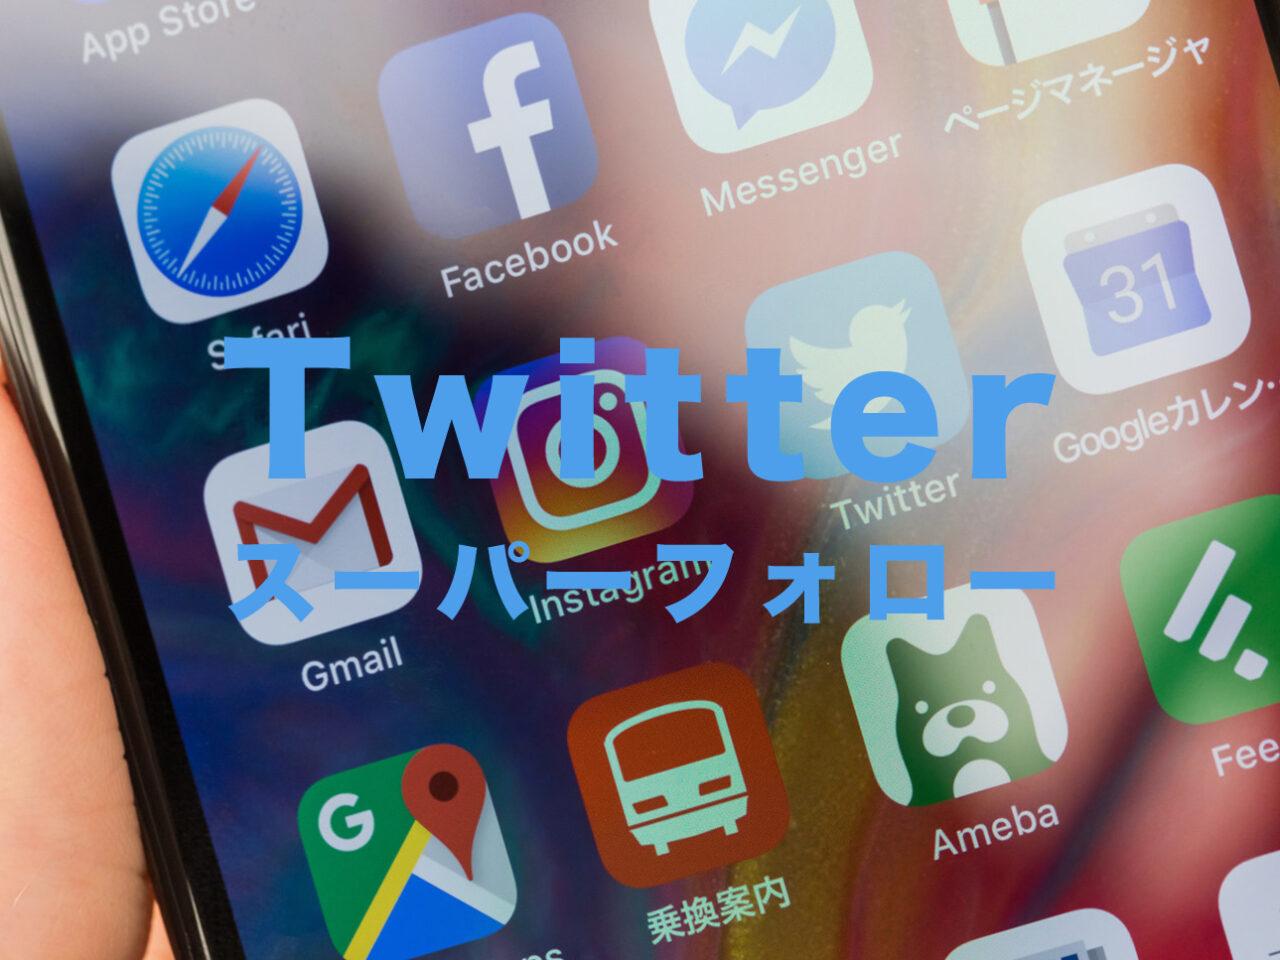 Twitter(ツイッター)でスーパーフォロー機能とは?いつから?のサムネイル画像